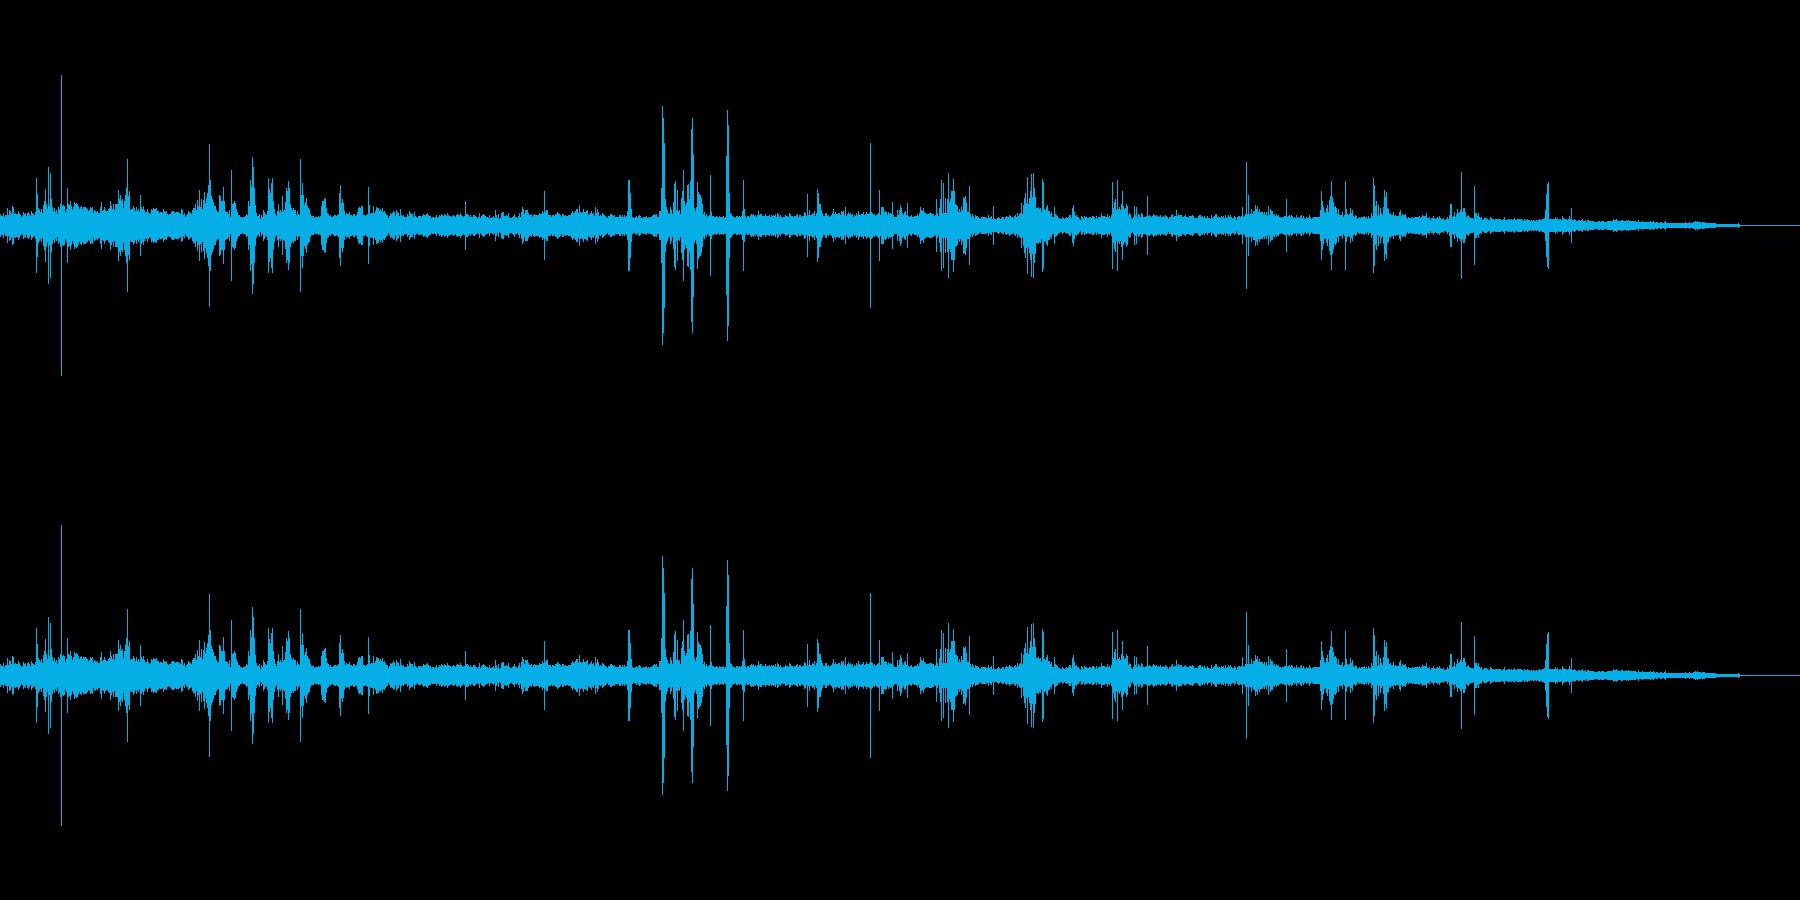 カモメと海の滑らかな波の再生済みの波形